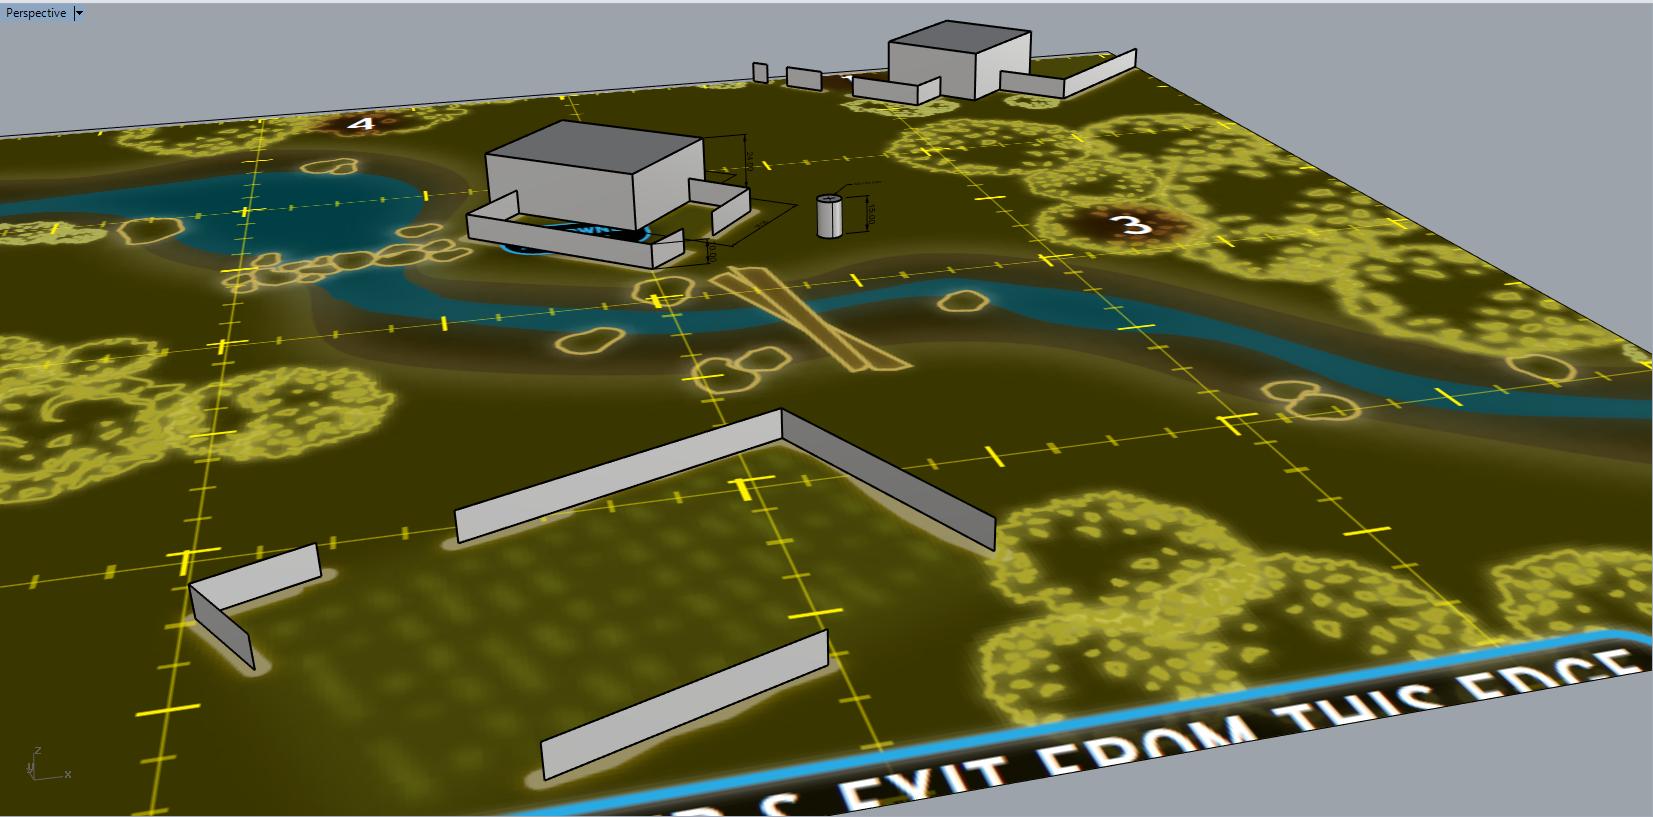 3D Concept View